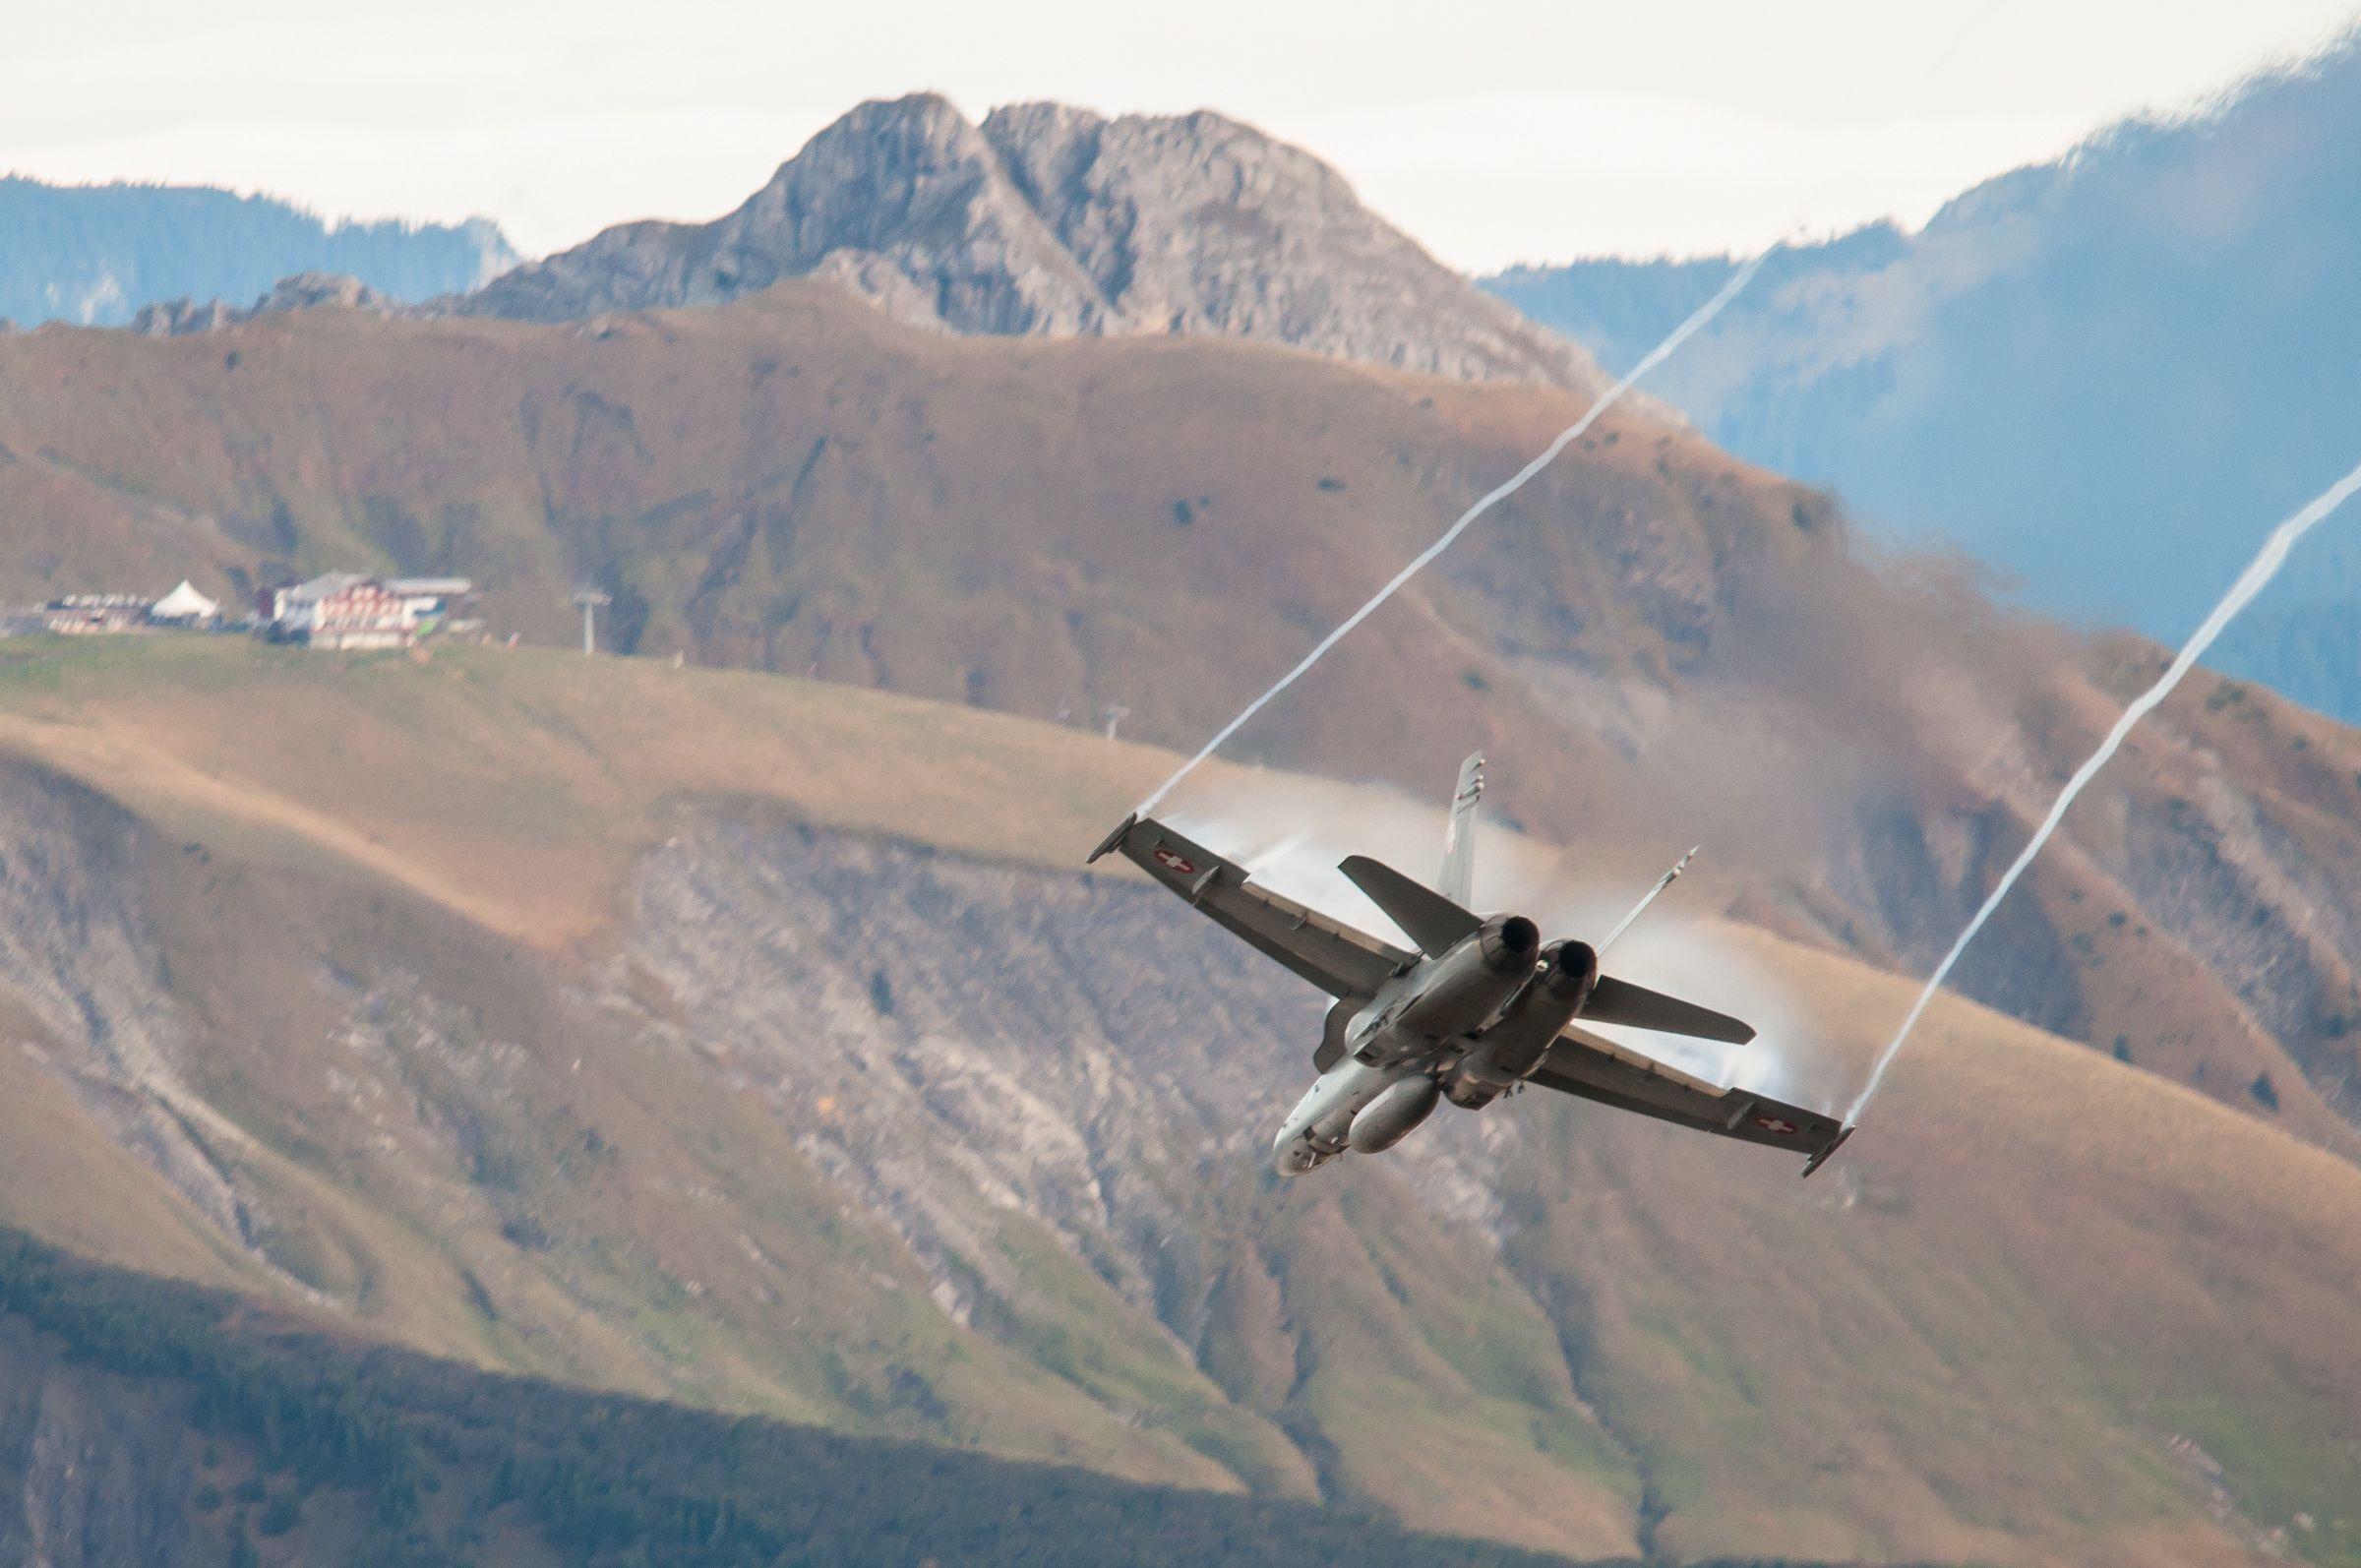 Air force live fire event Axalp 2012 - 10-11 Oct 2012 - Pagina 2 000174